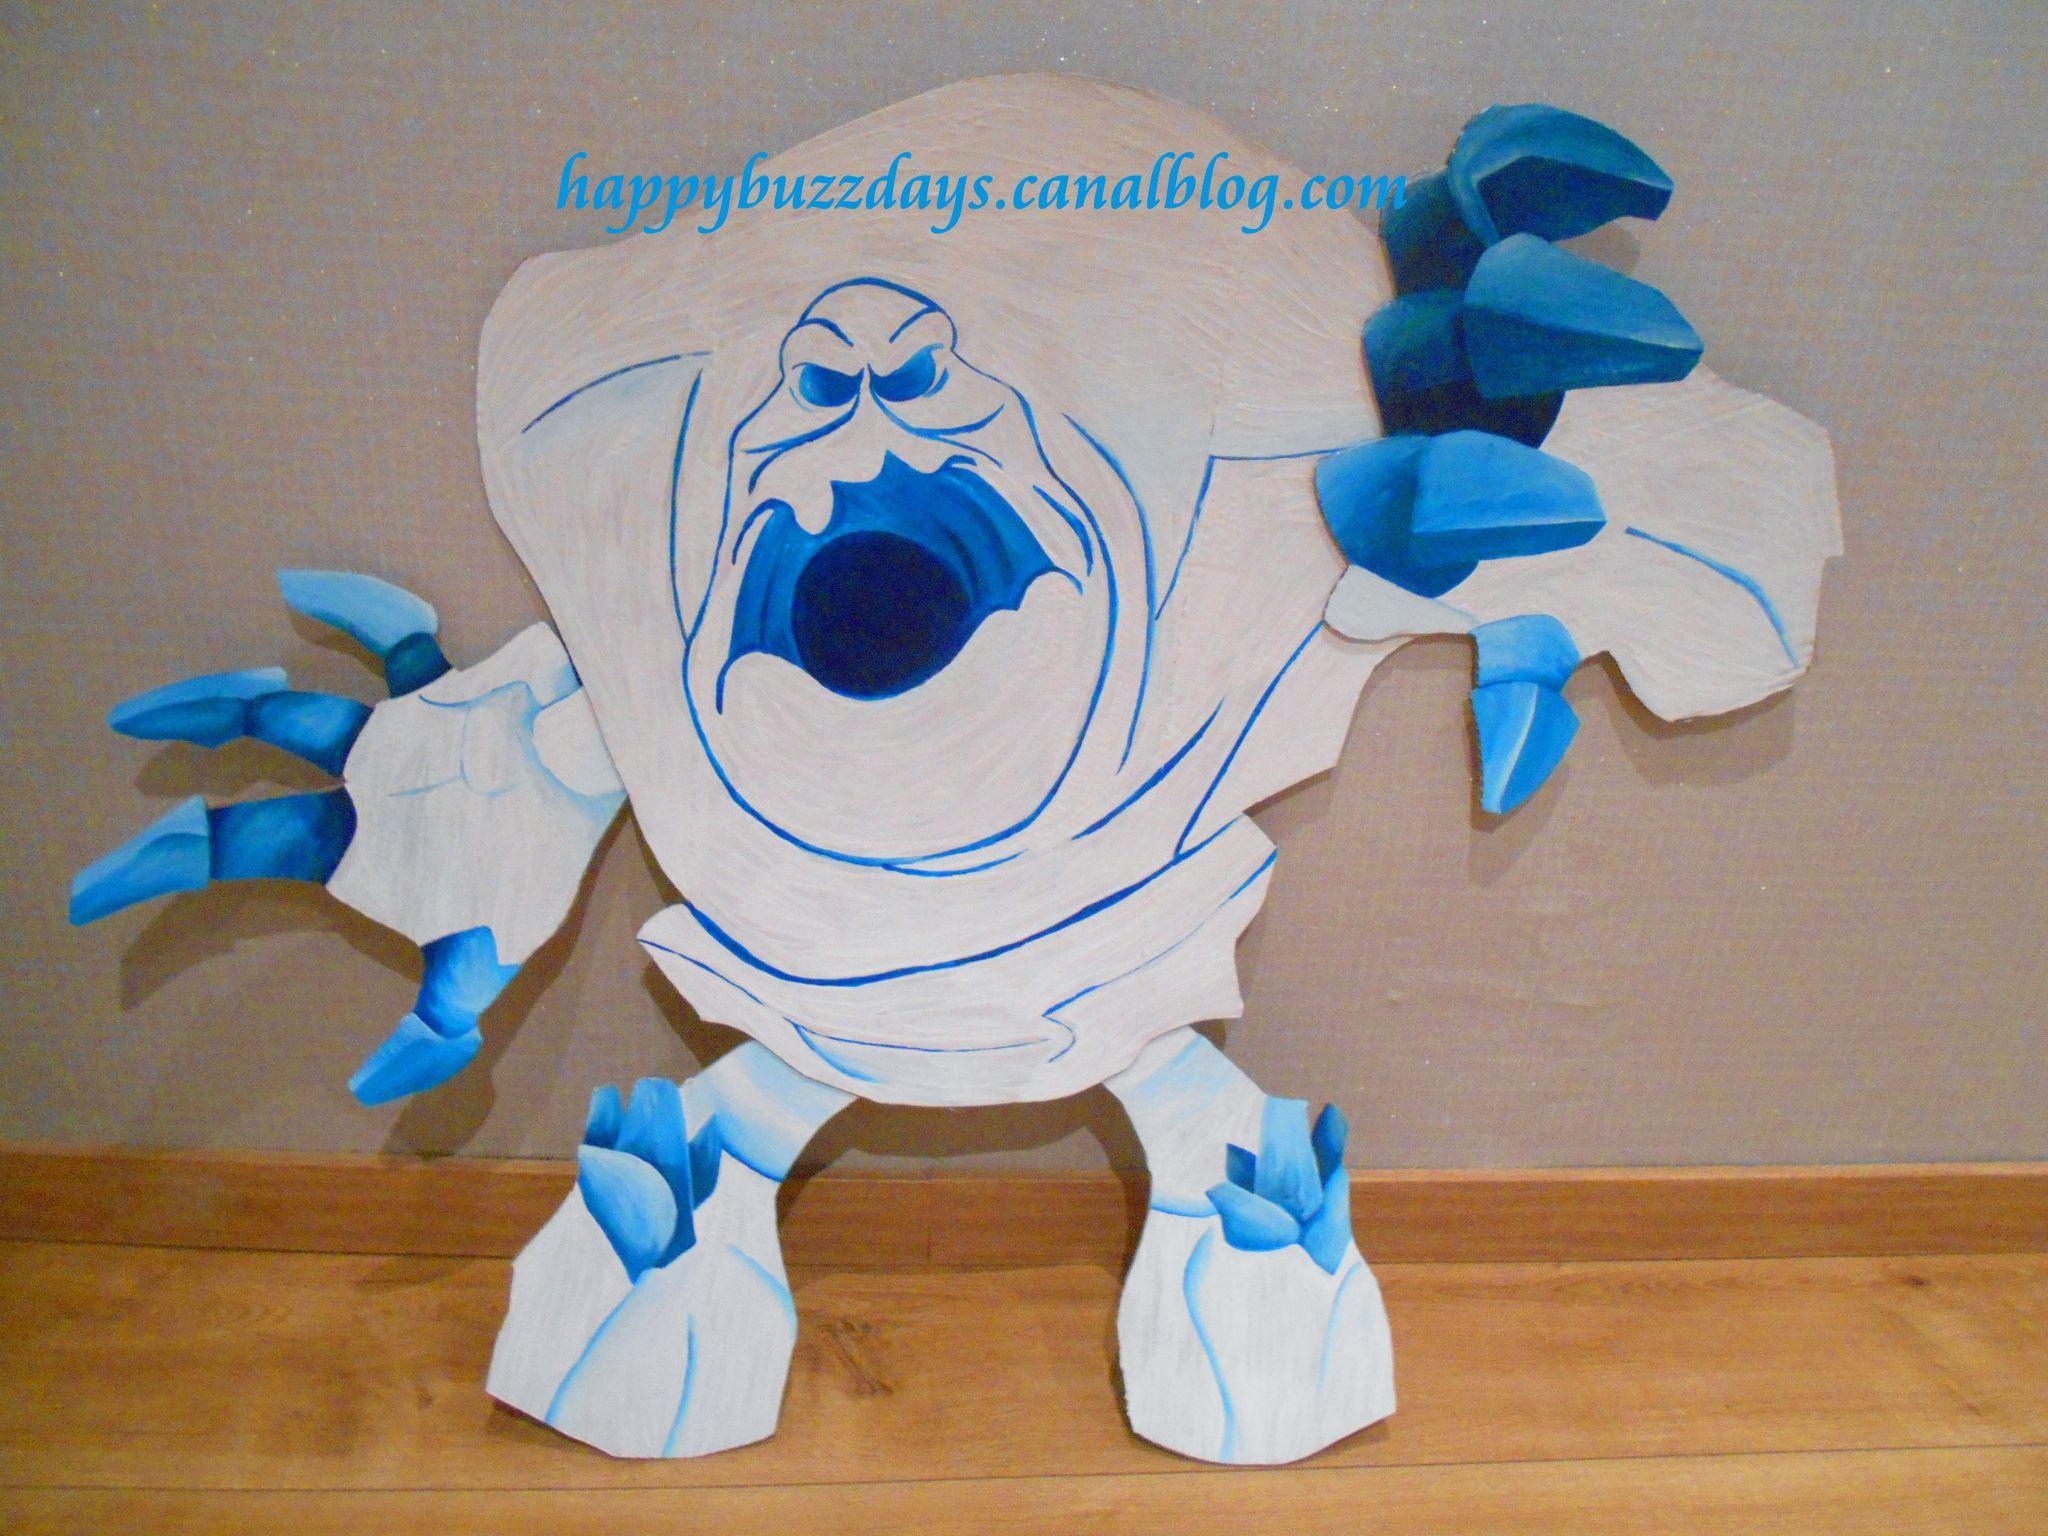 jeux boules de neige contre monstre de glace anniversaire. Black Bedroom Furniture Sets. Home Design Ideas